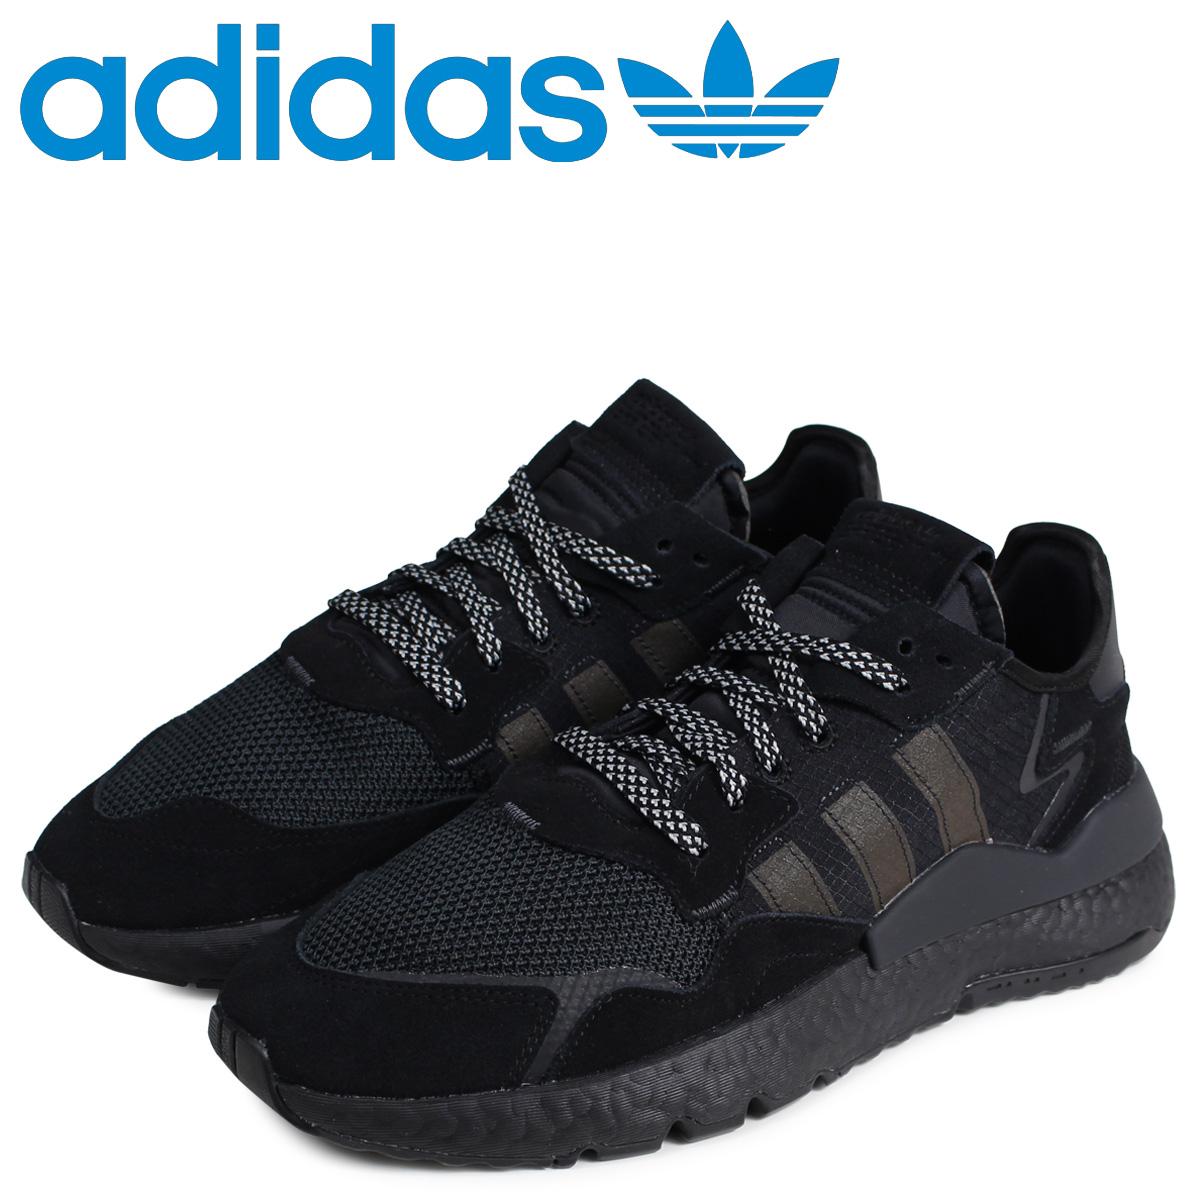 adidas Originals アディダス オリジナルス ナイトジョガー スニーカー メンズ NITE JOGGER ブラック 黒 BD7954